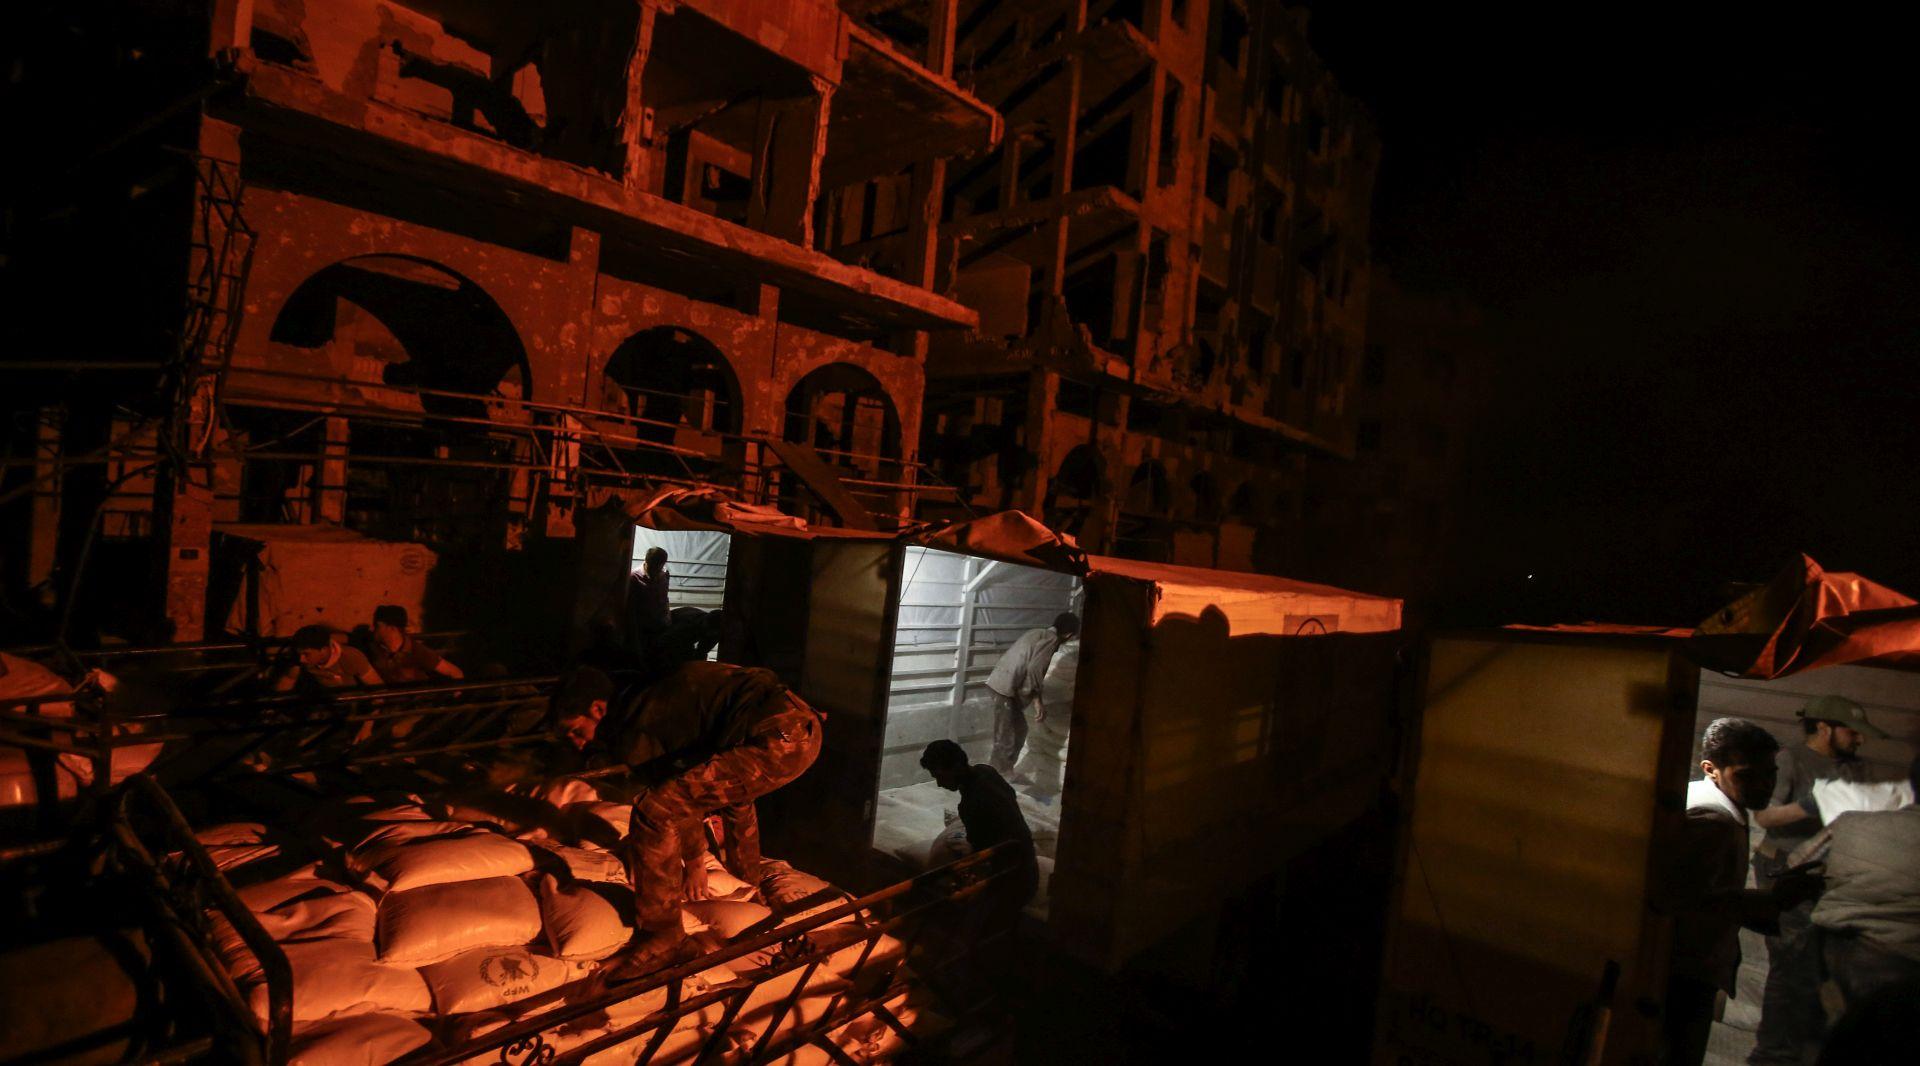 SIRIJA U ponoć uspostavljene sigurnosne zone, ubrzo izbili sukobi